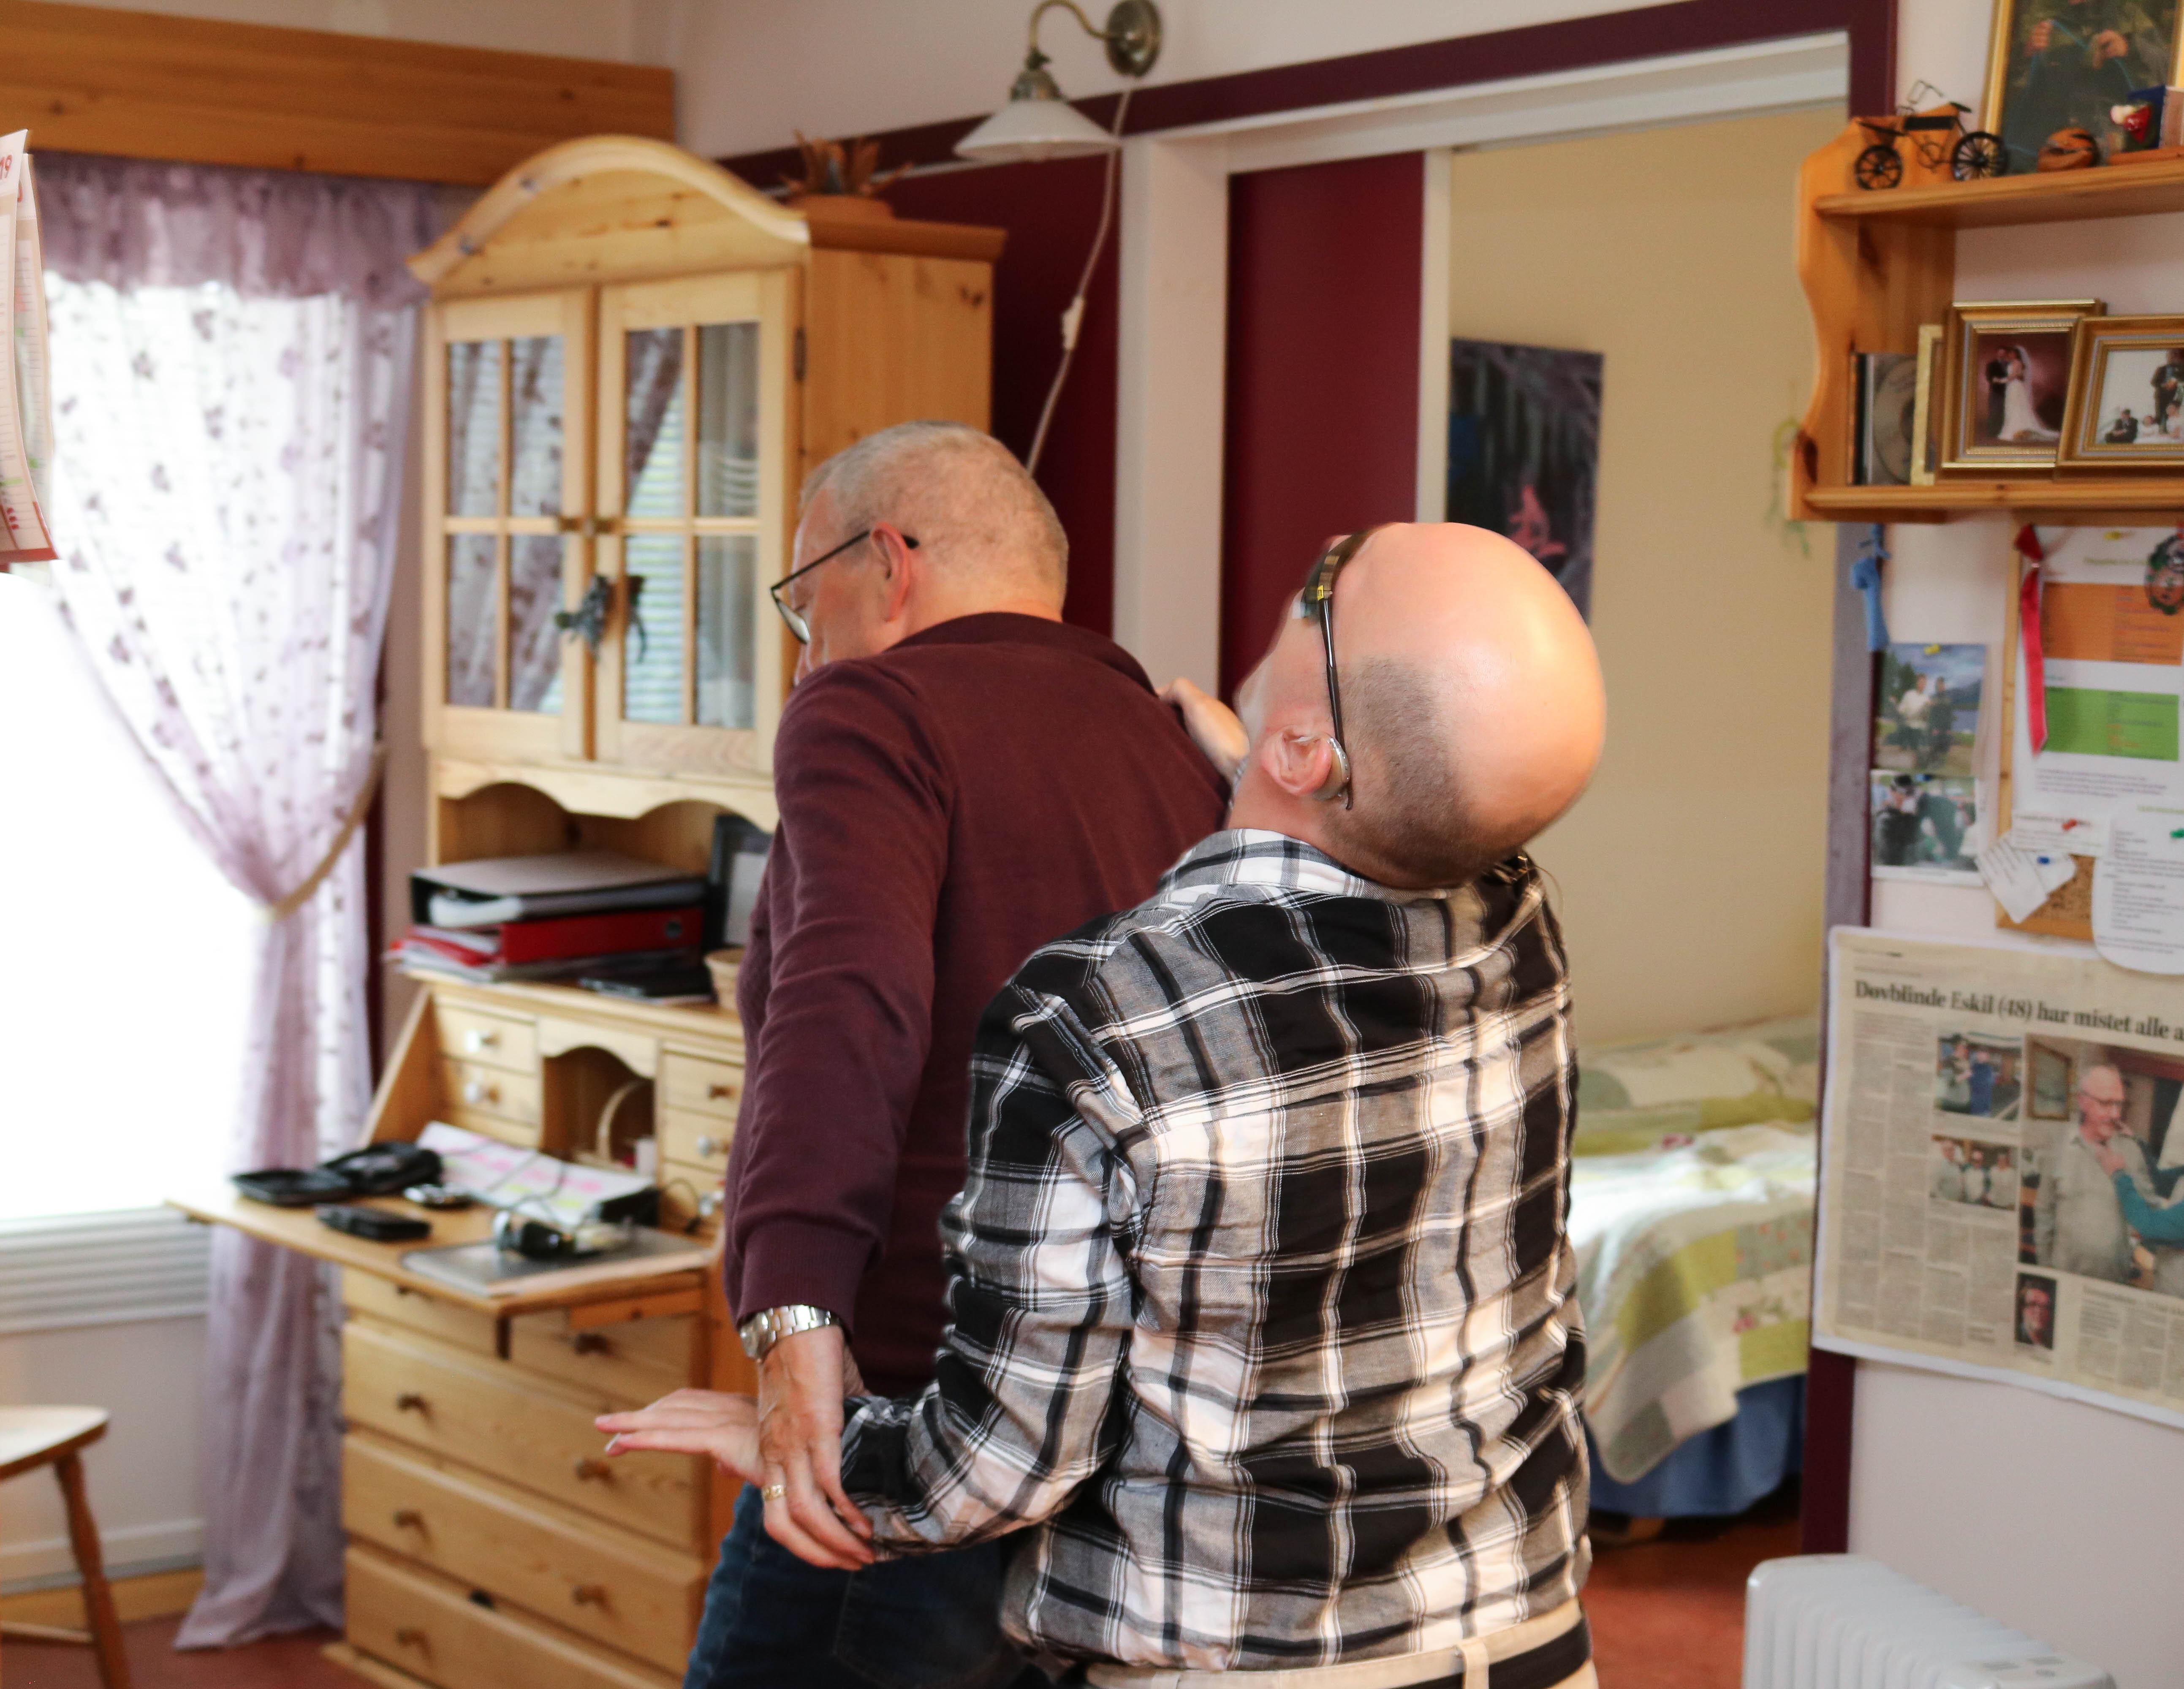 Døvblind mann går bak ryggen på sin far gjennom en stue.